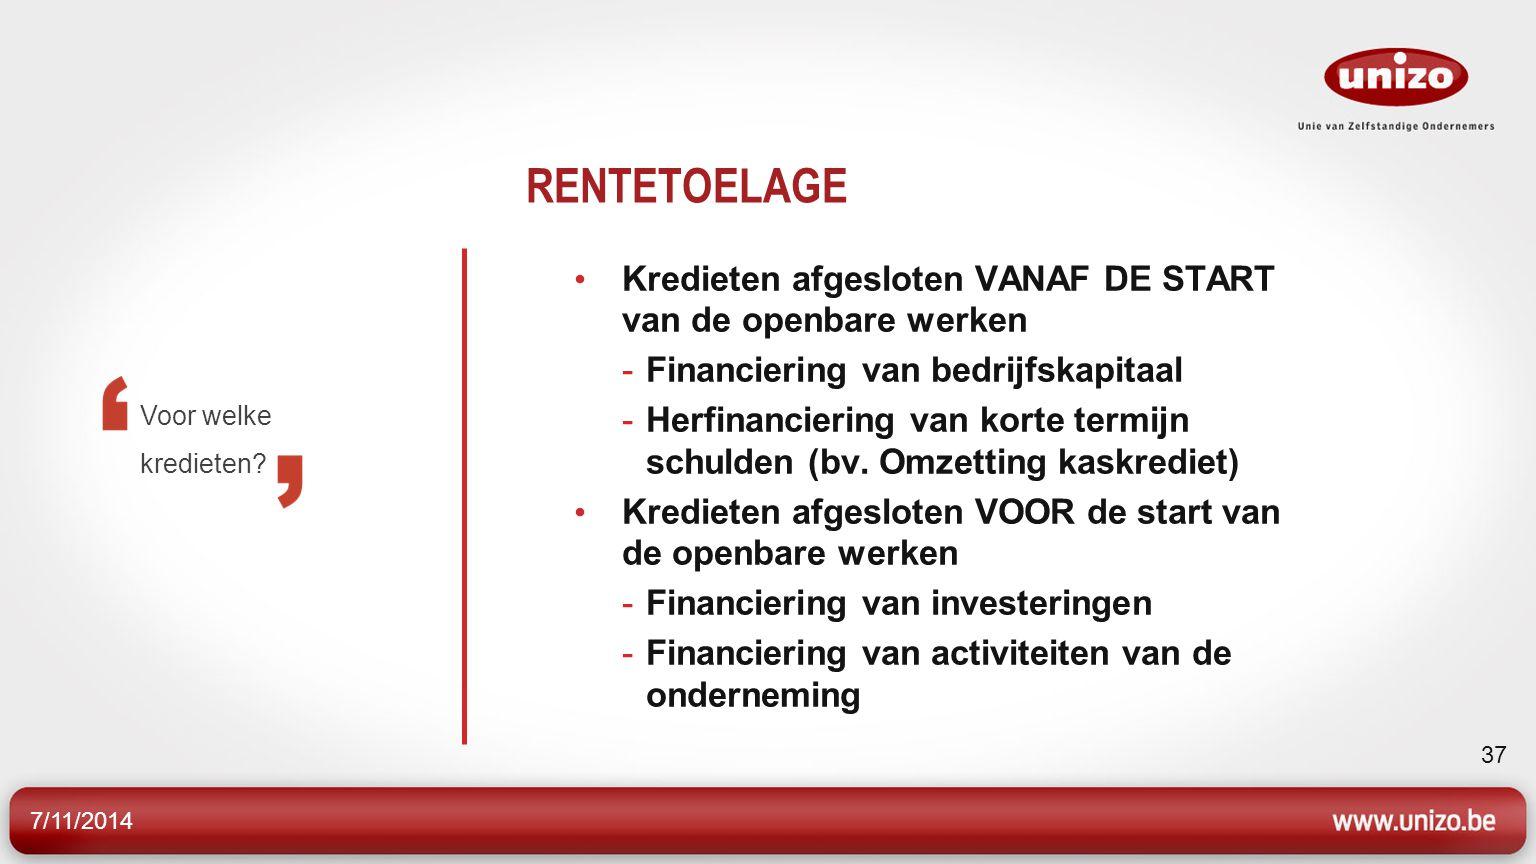 RENTETOELAGE Kredieten afgesloten VANAF DE START van de openbare werken. Financiering van bedrijfskapitaal.